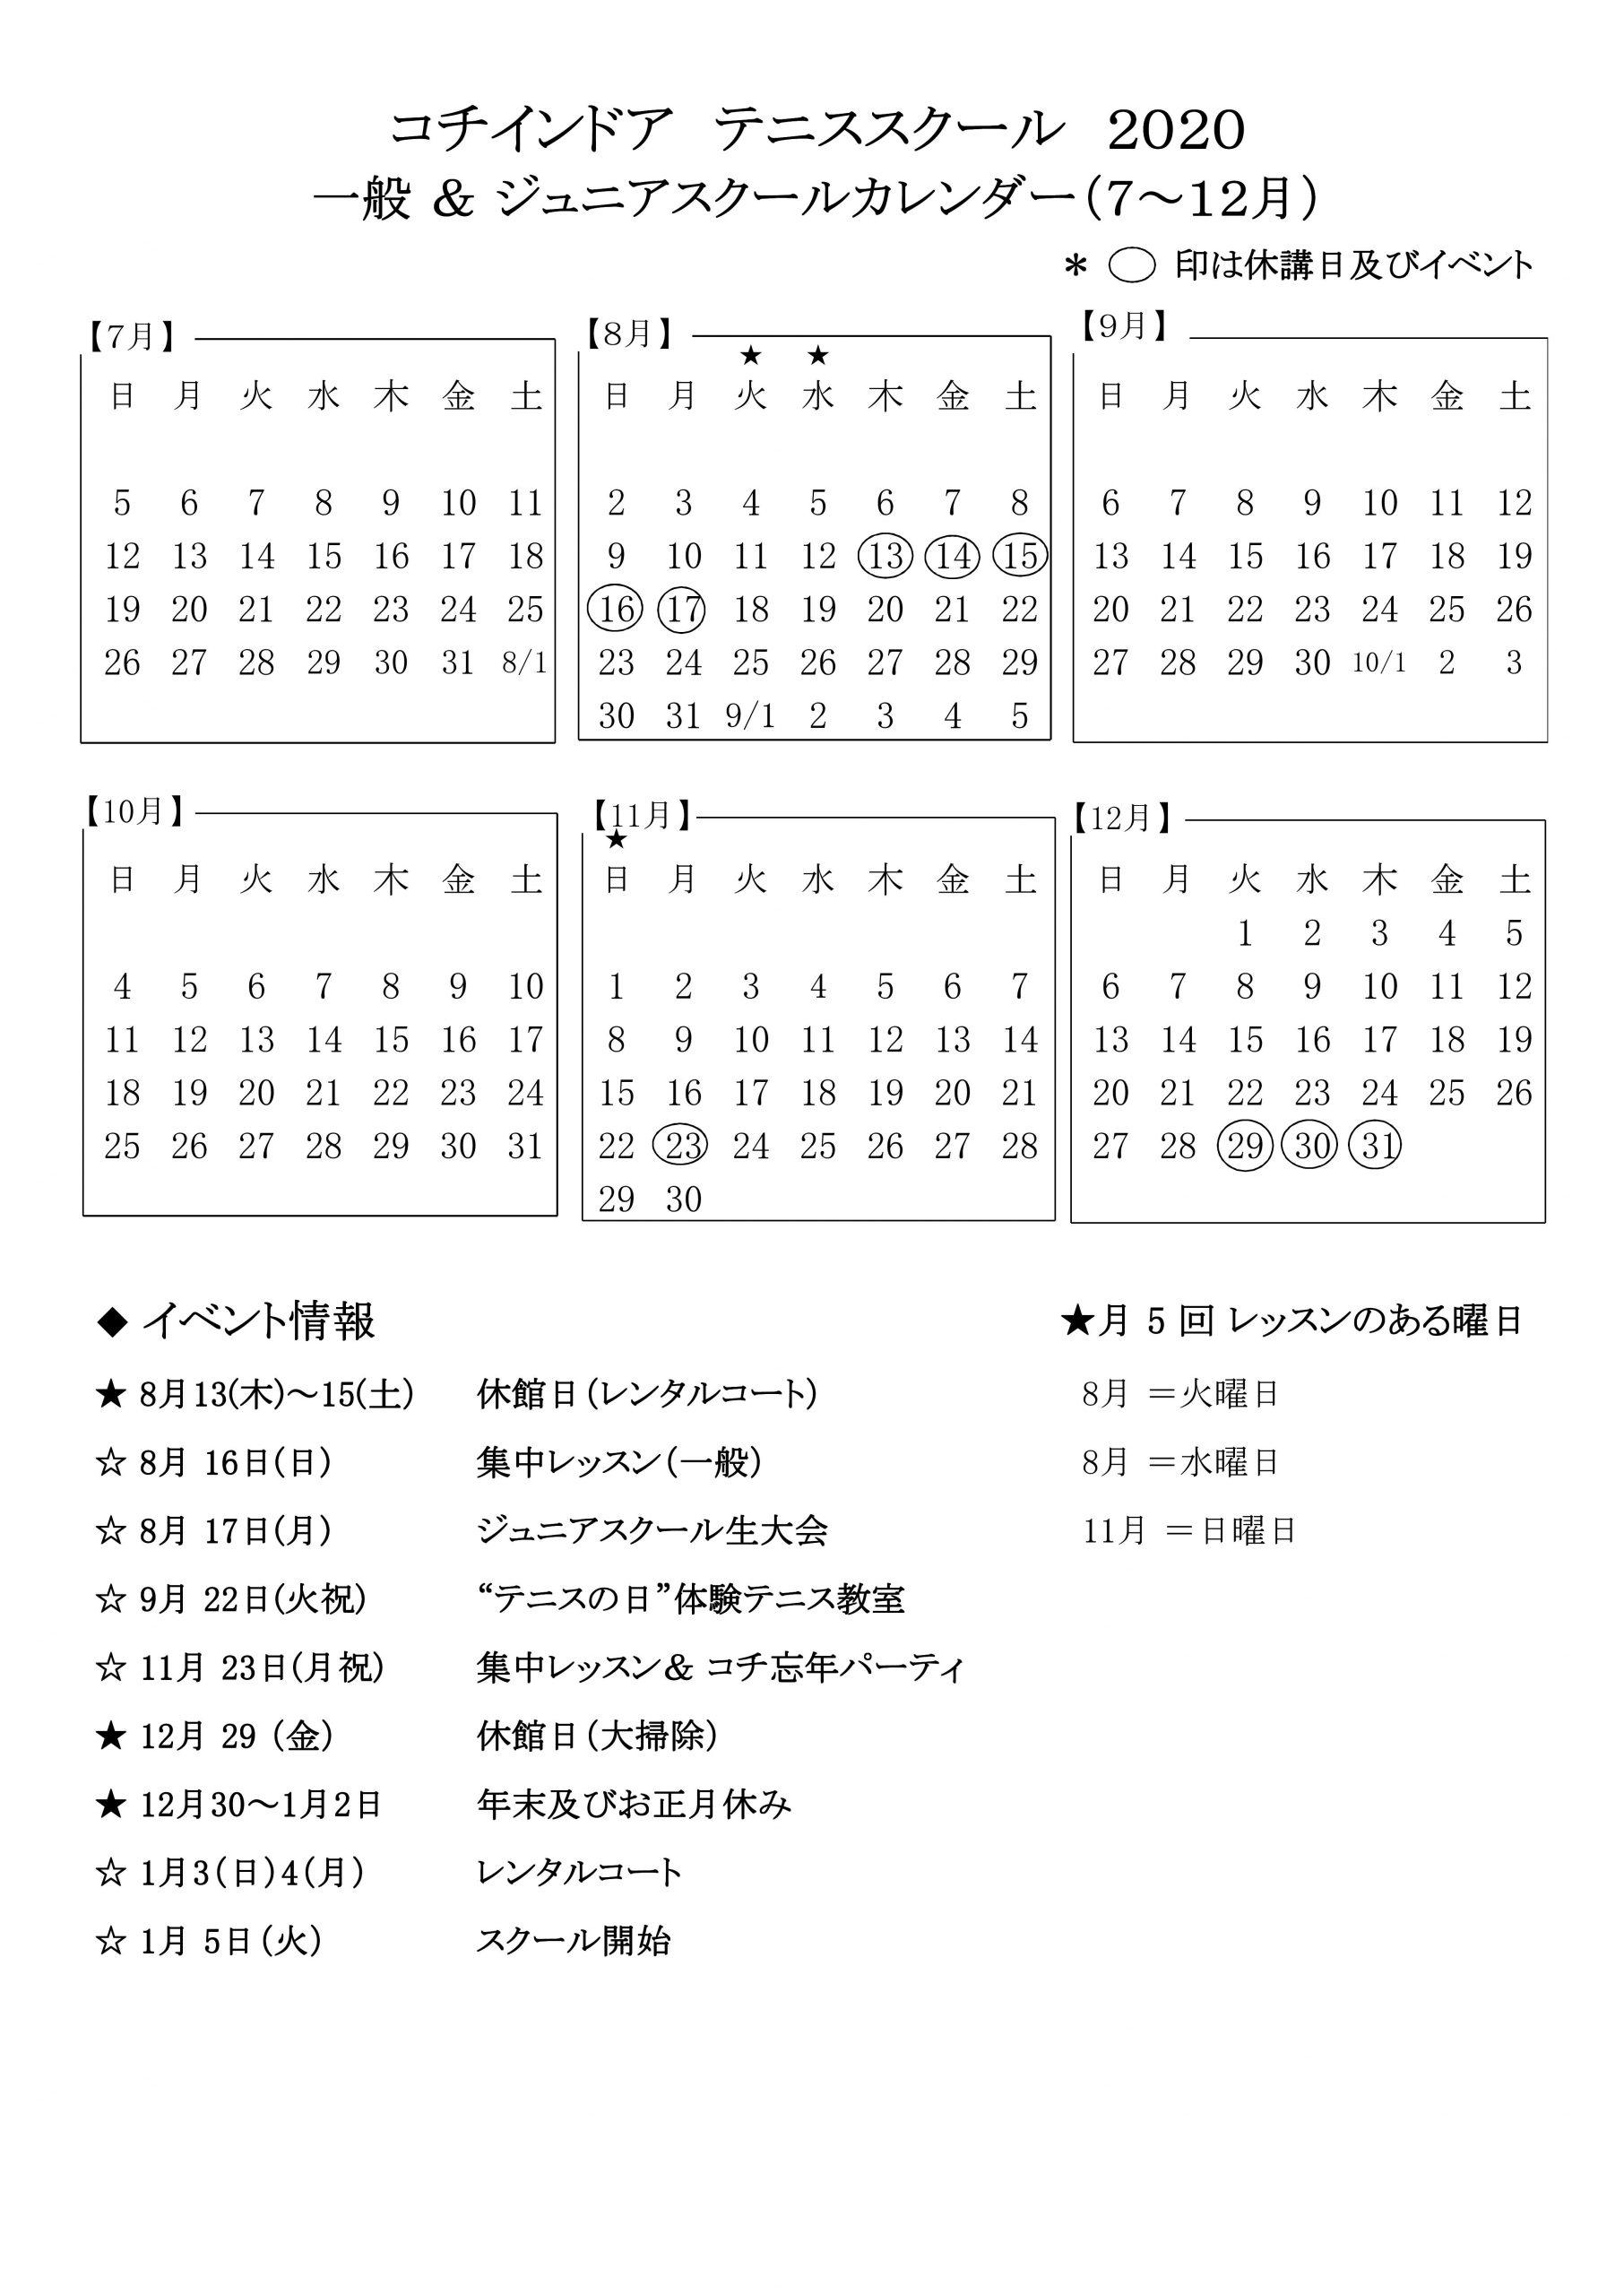 コチカレンダー2020後期コロナ